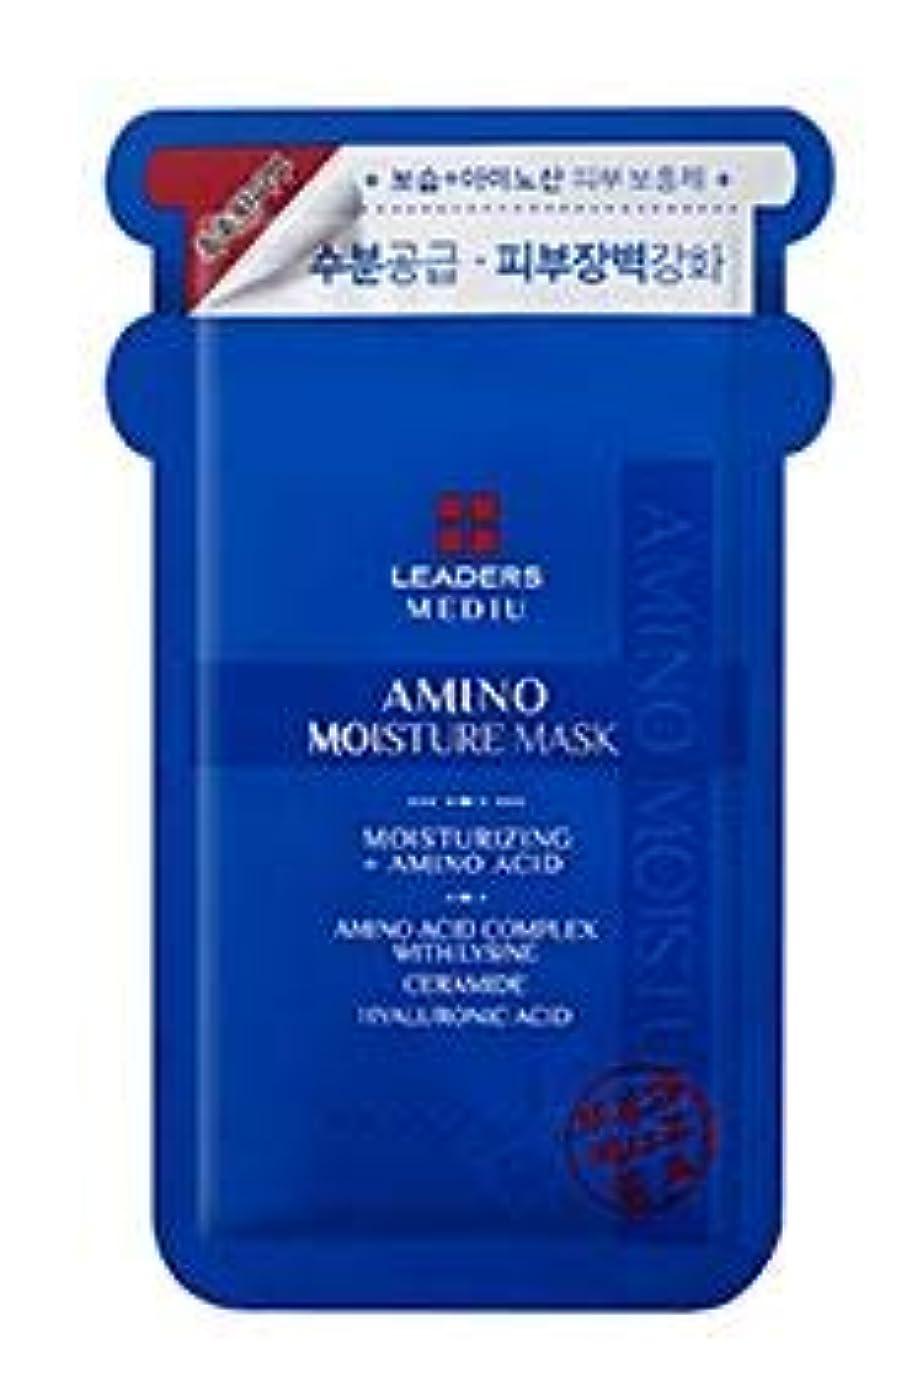 エレベーター知っているに立ち寄る隣接[LEADERS] MEDIU Amino Moisture Mask 25ml*10ea / リーダースアミノモイスチャーマスク 25ml*10枚 [並行輸入品]